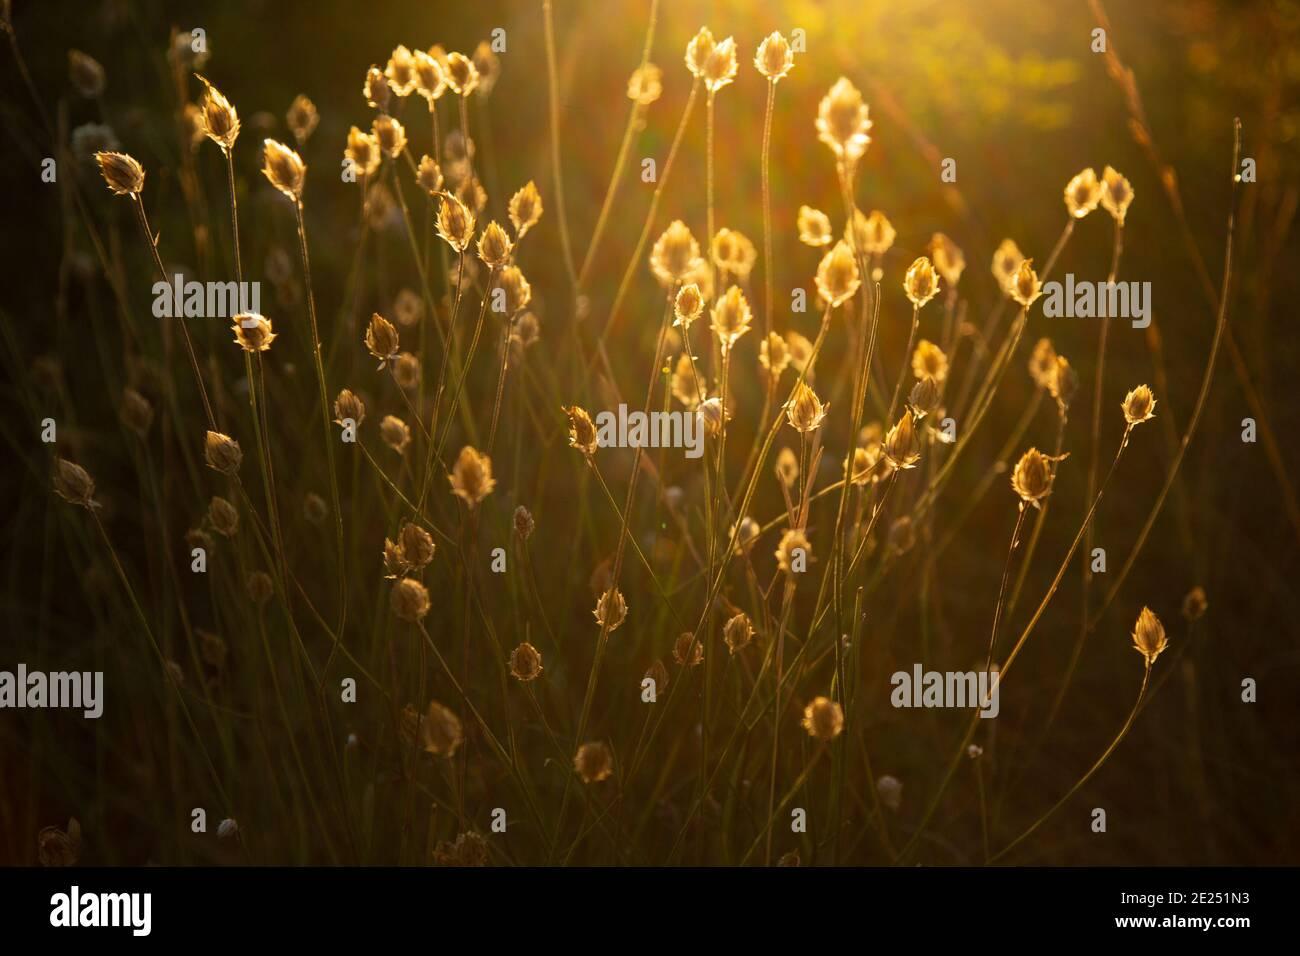 Magnifiques fleurs sauvages mises en valeur par le soleil d'été Banque D'Images